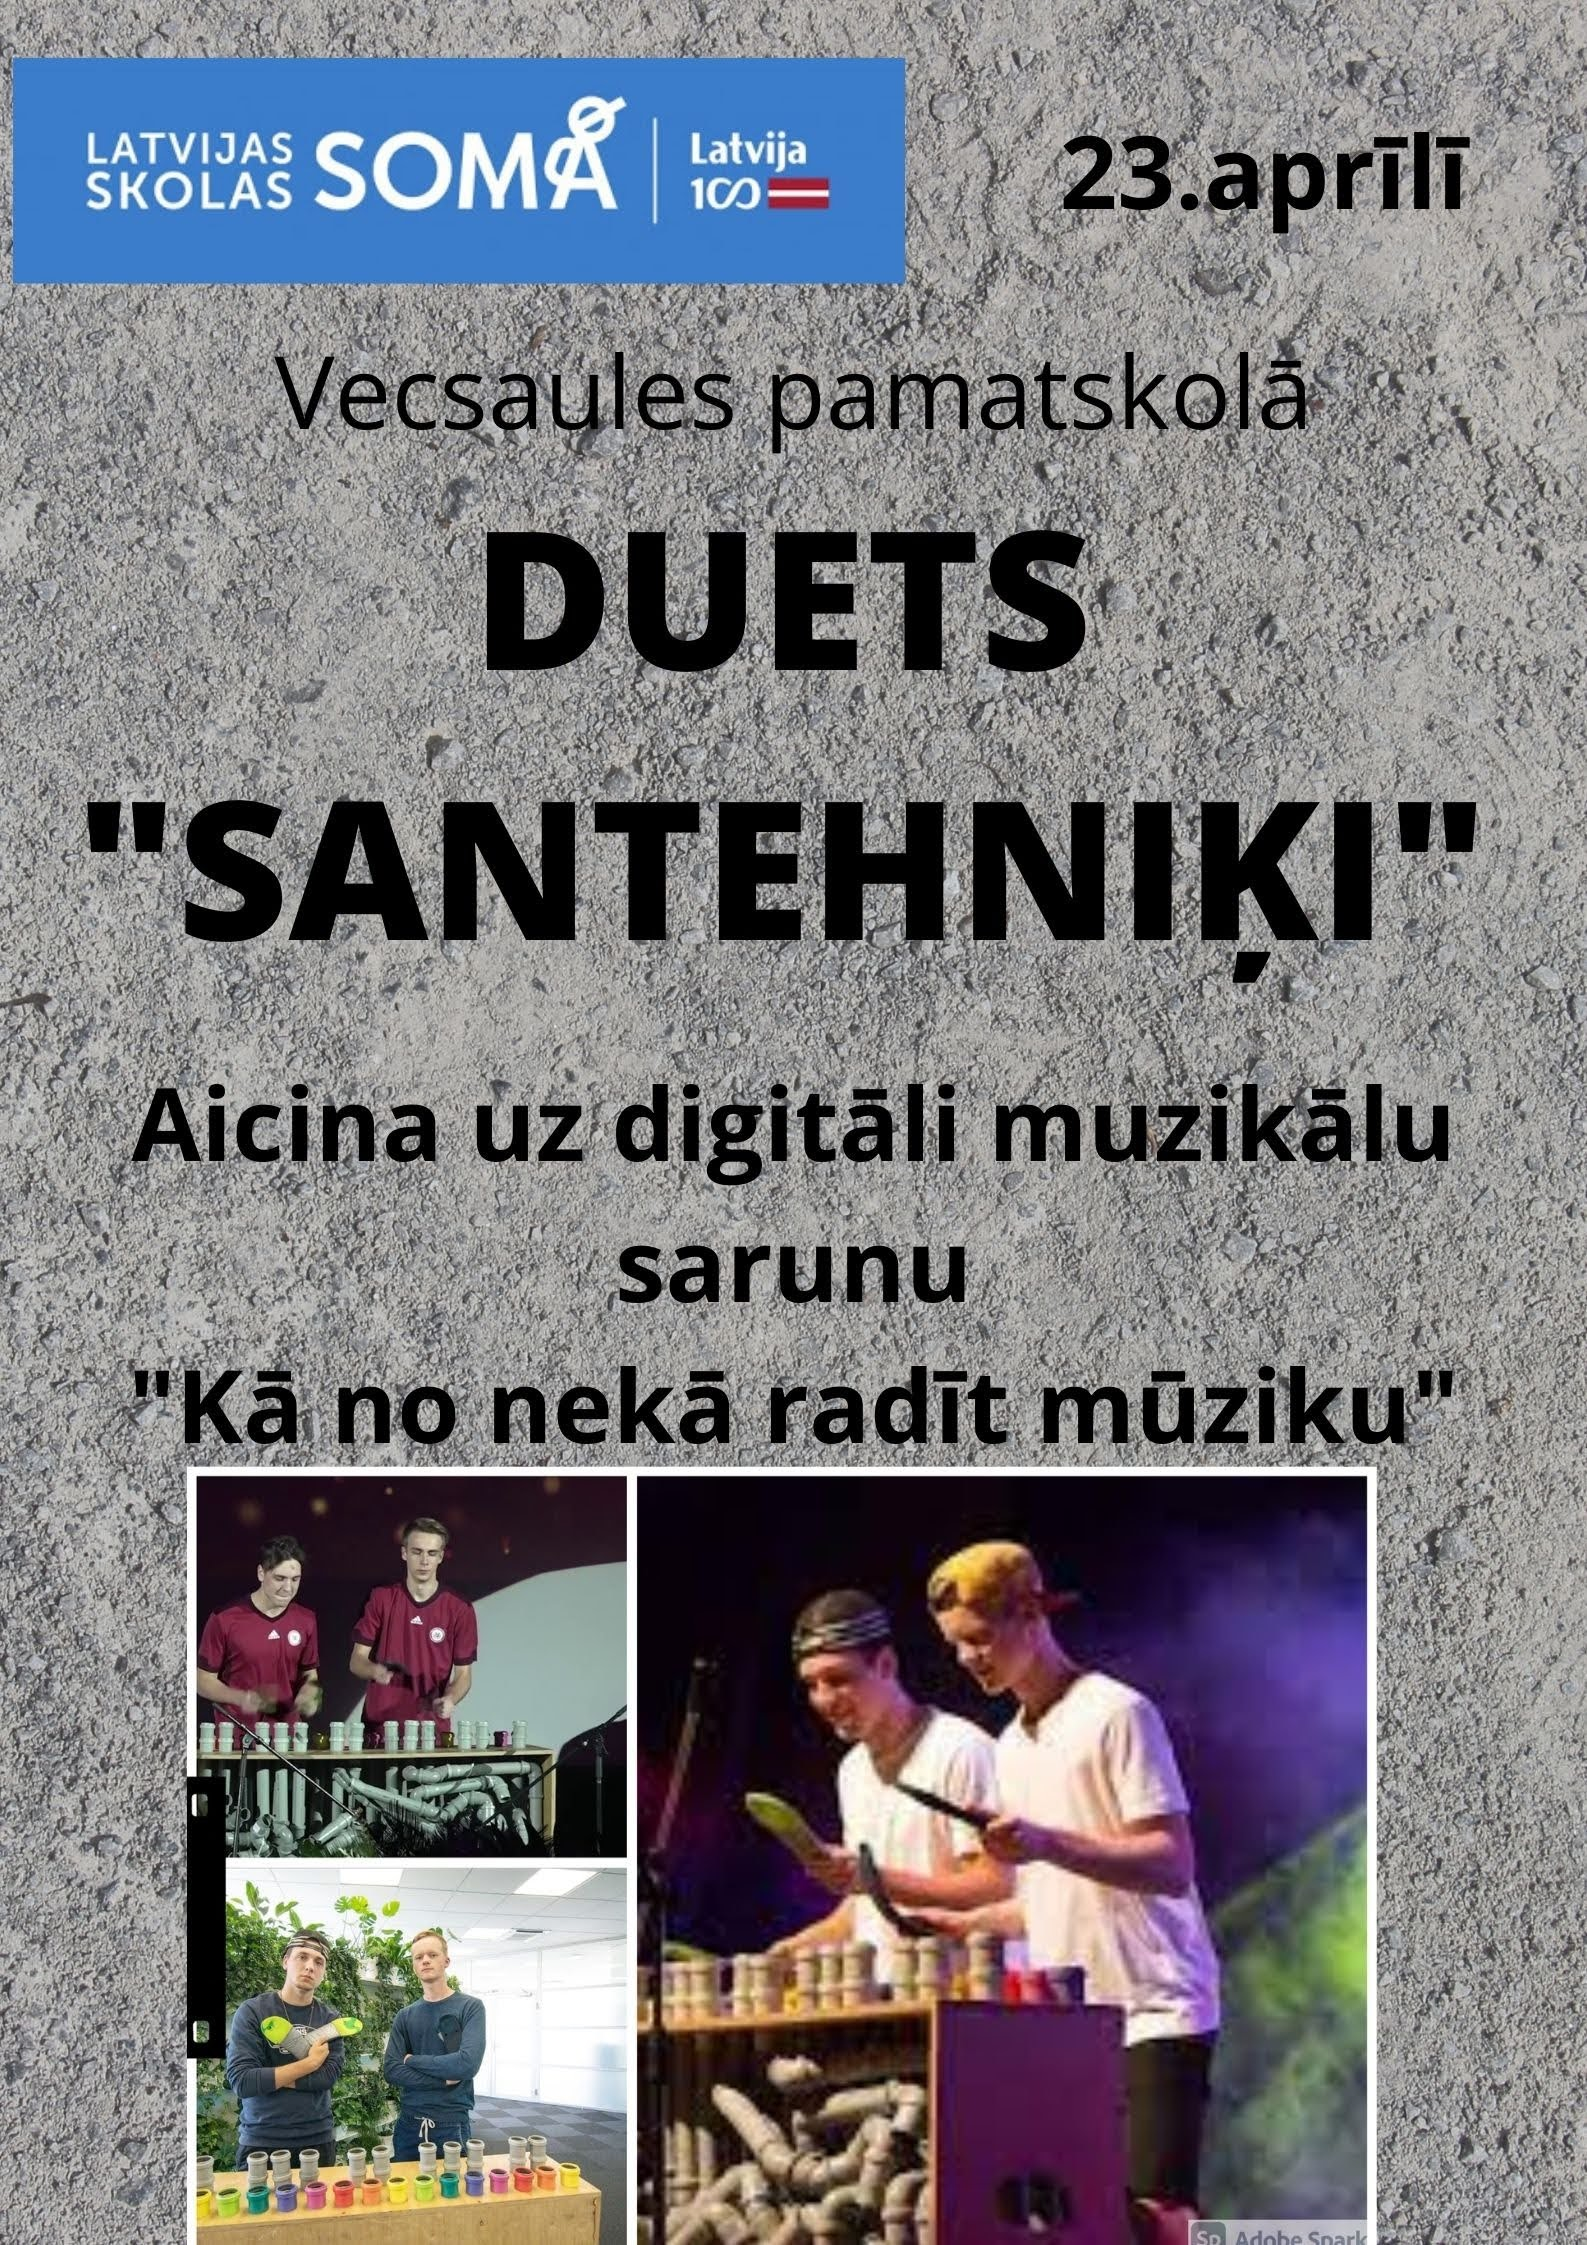 Vecsaules pamatskolā 23. aprīlī duets Santehniķi aicina uz digitāli muzikālo sarunu ''Kā no nekā radīt mūziku''